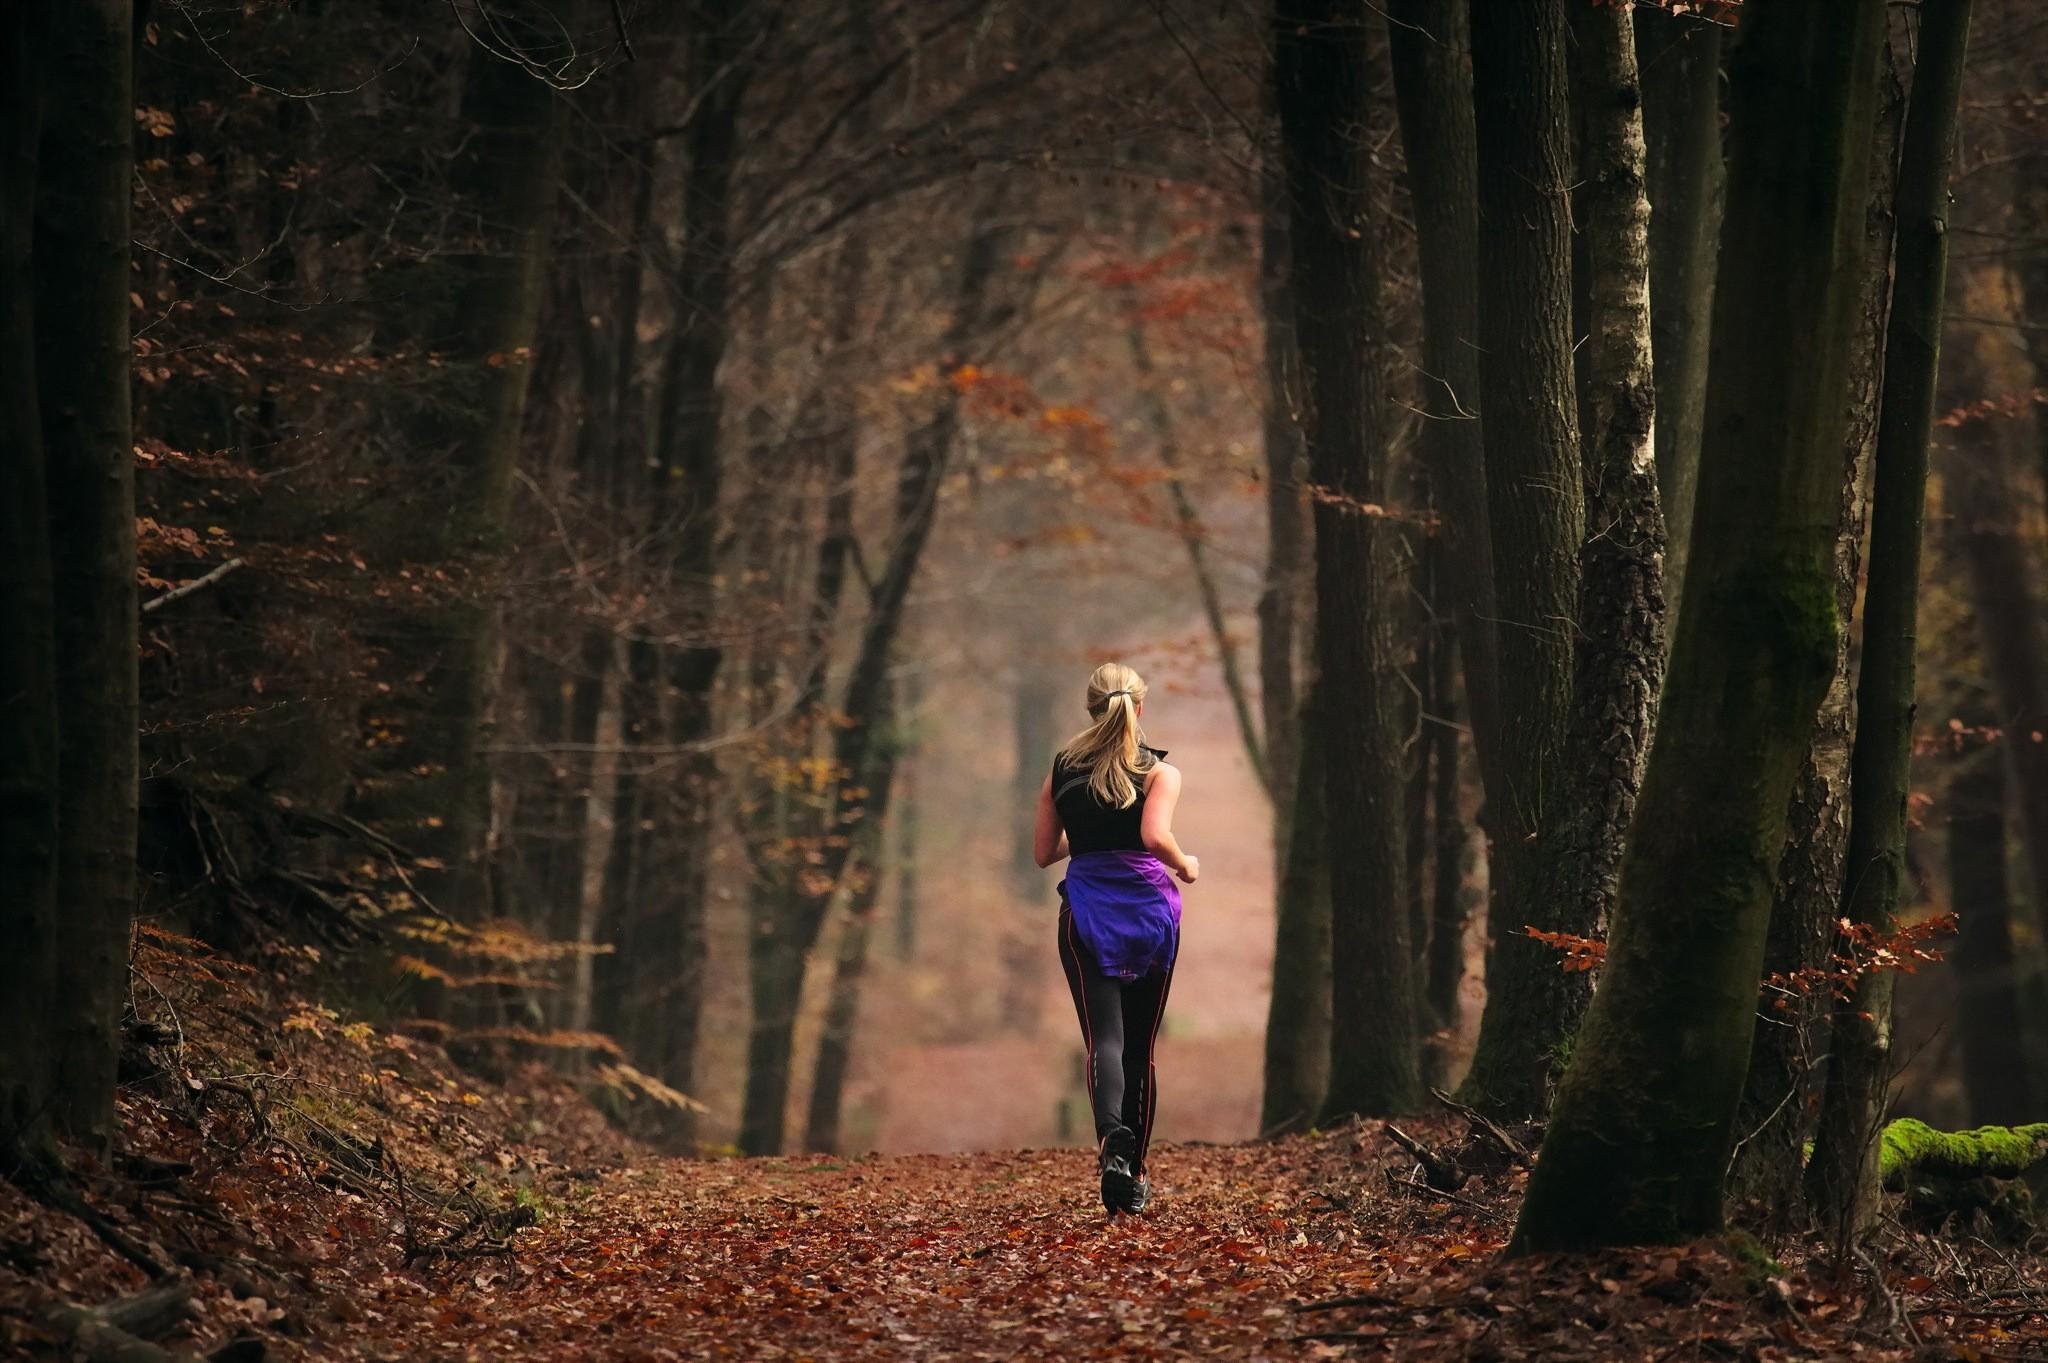 фото спиной в осеннем лесу вешают стены или